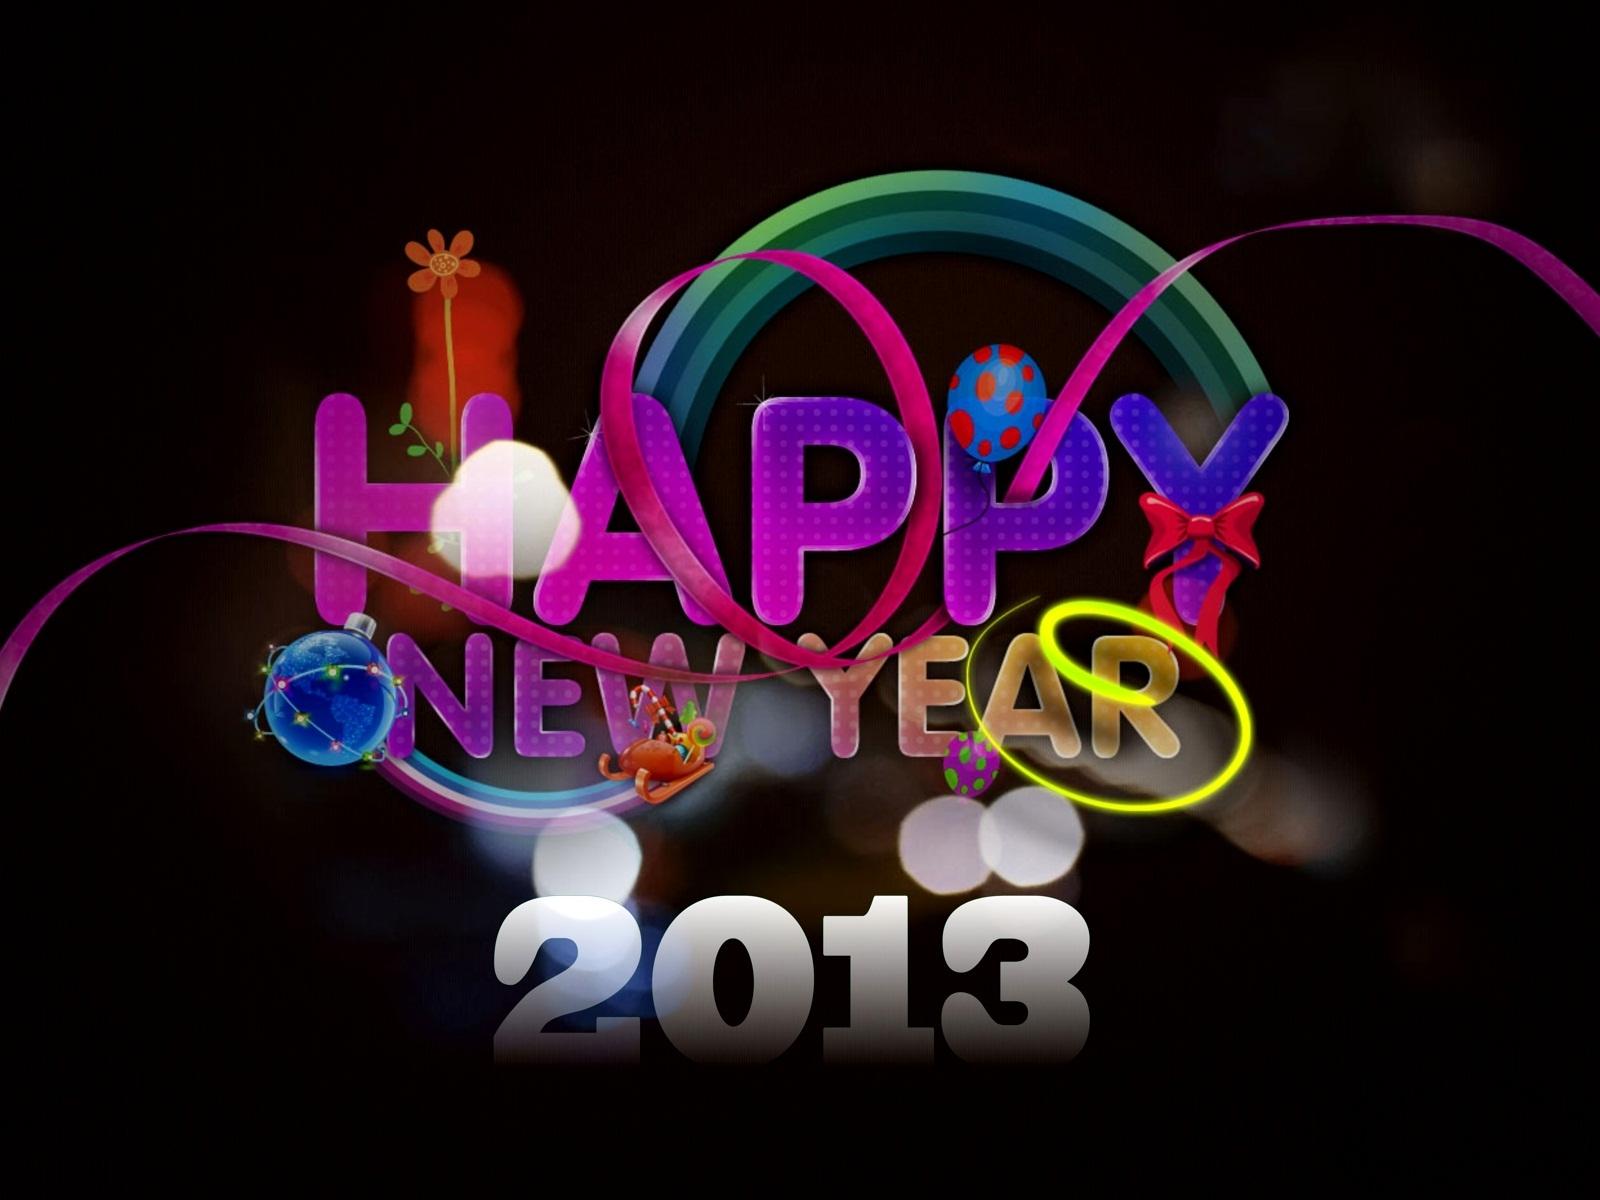 http://1.bp.blogspot.com/-WrBY_l-oIBk/UM7B89bVLeI/AAAAAAAA78A/f-bi5iiUI04/s1600/hinh+nen+do+phan+giai+cao+2013+(1).jpg